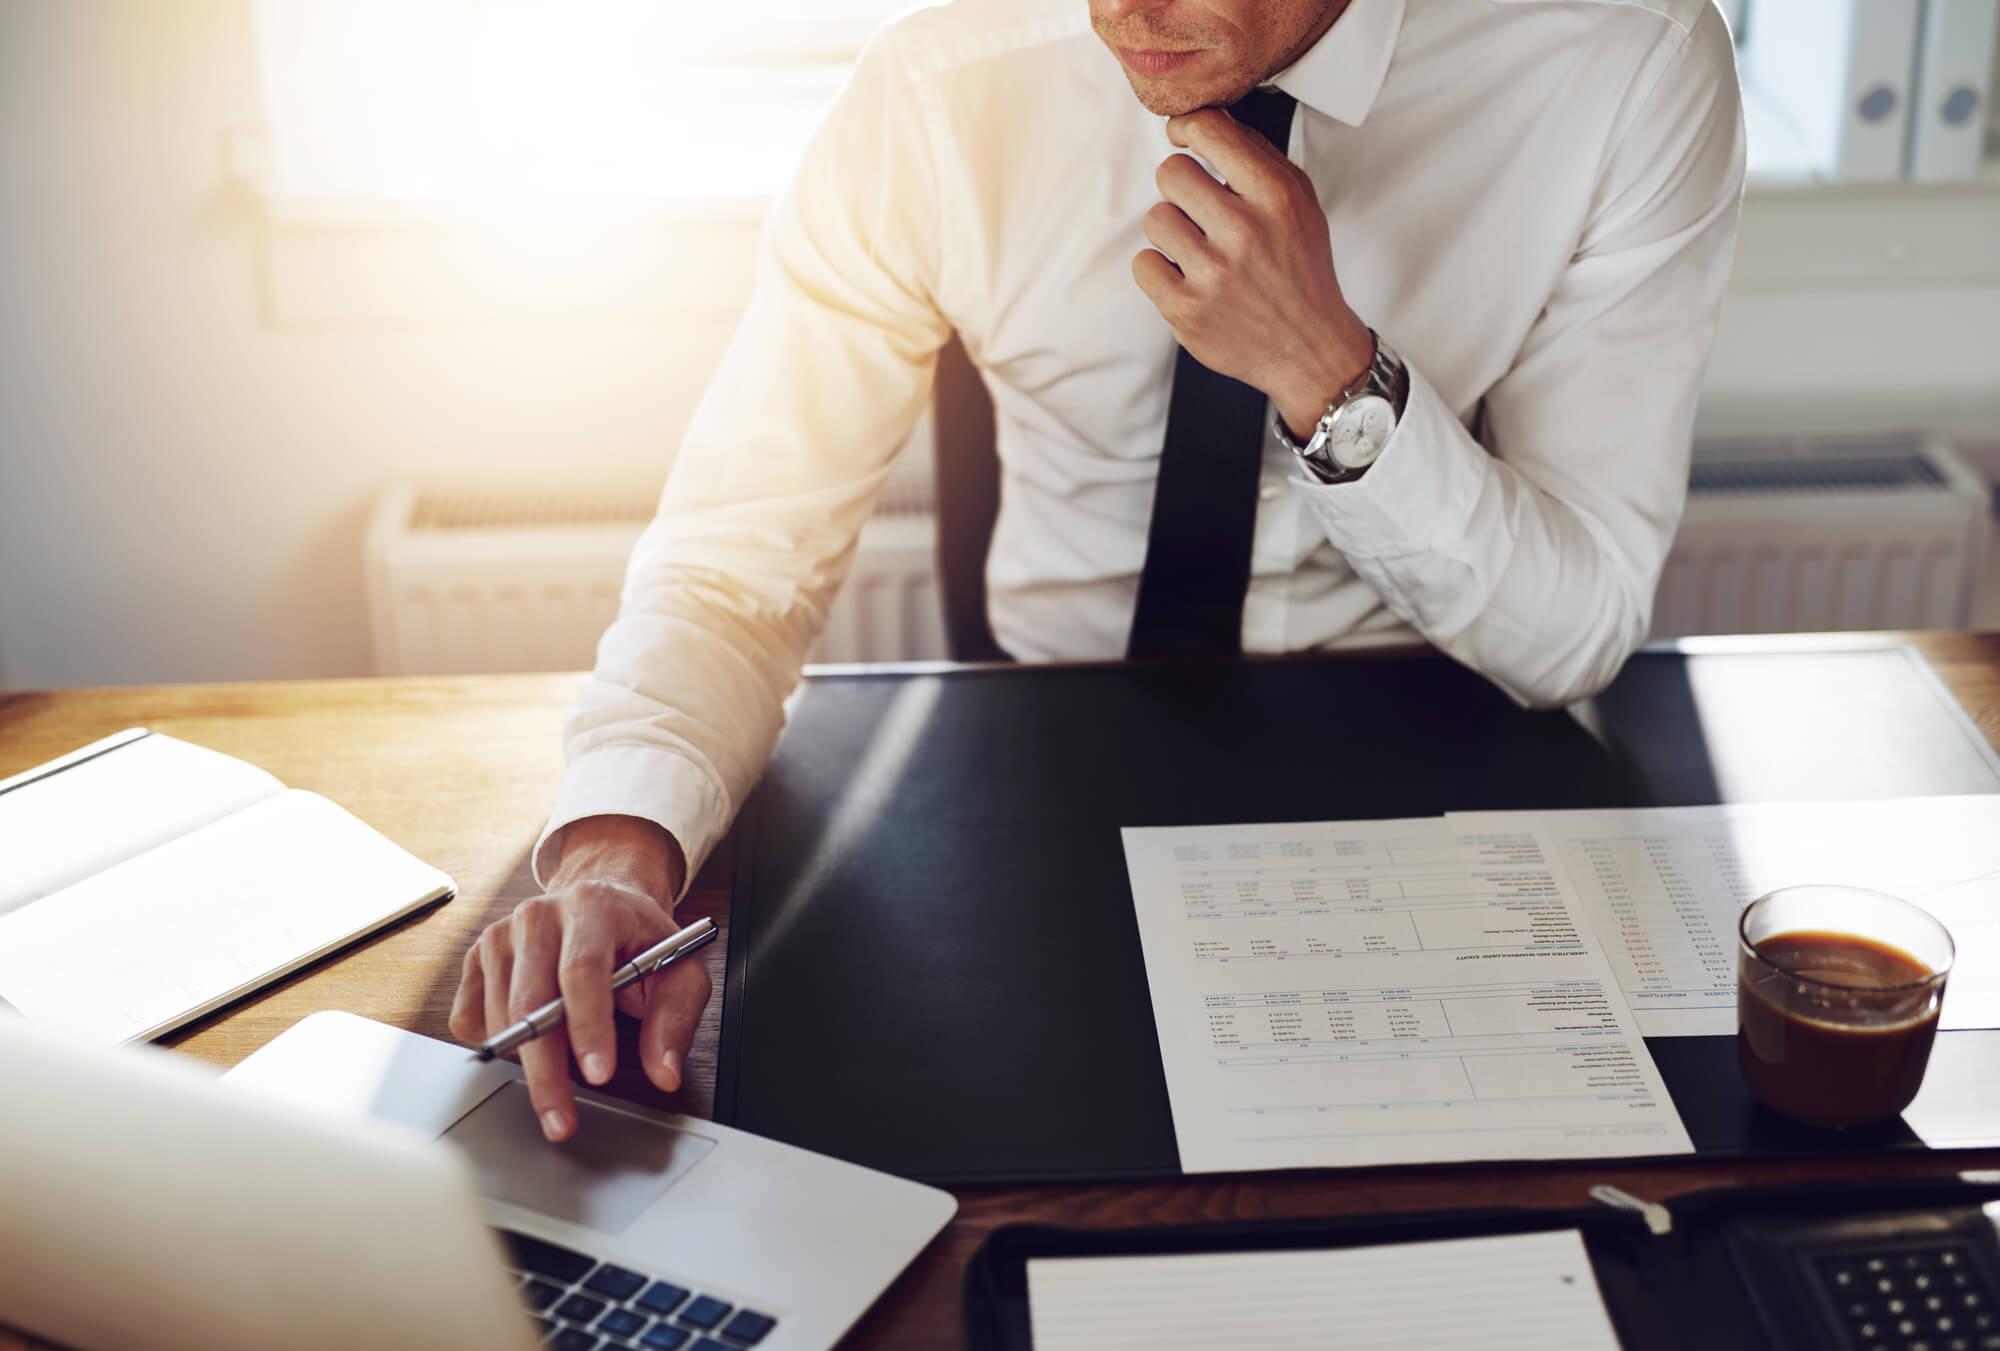 Código de Ética do corretor de imóveis: o que você precisa saber